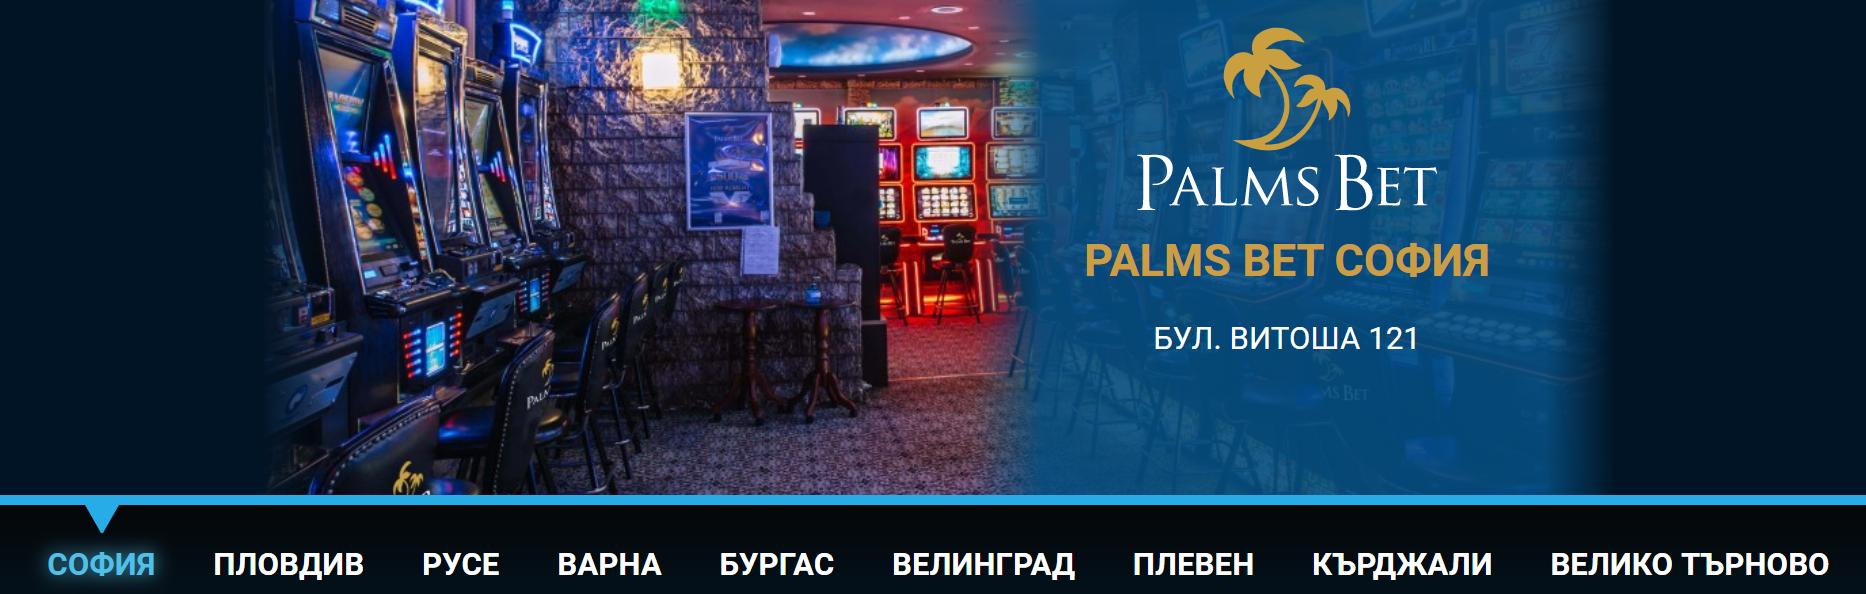 palms bet igralni zali-komarbet.com